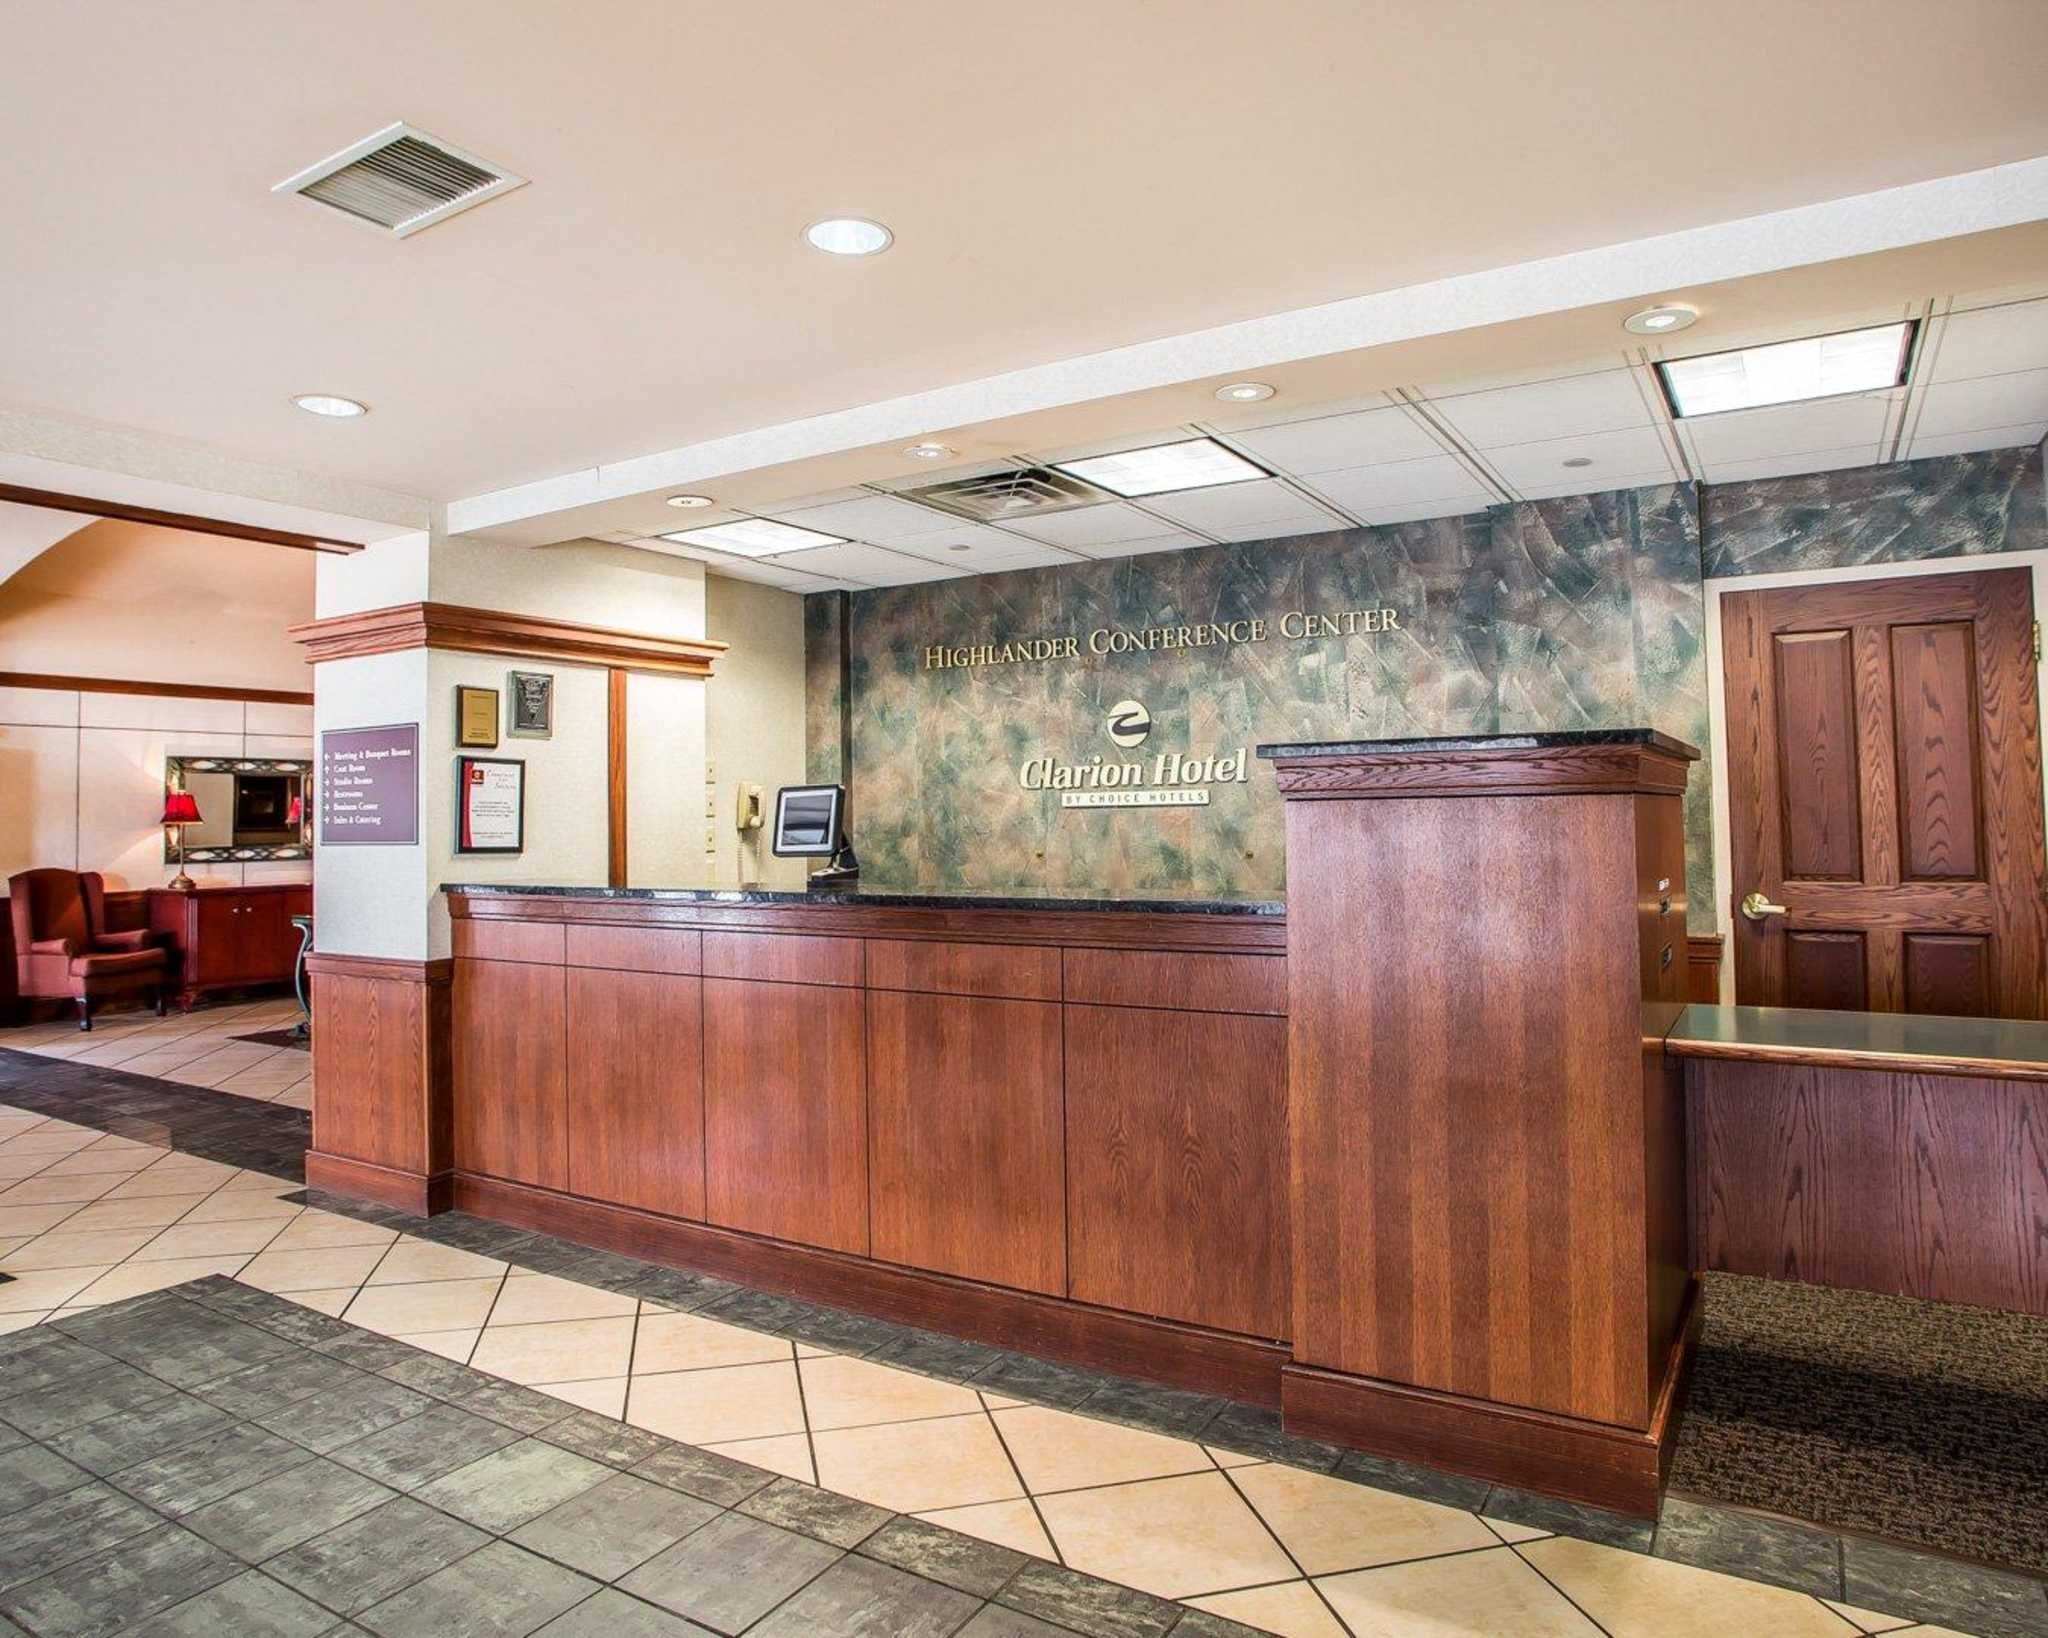 Clarion Hotel Highlander Conference Center image 13